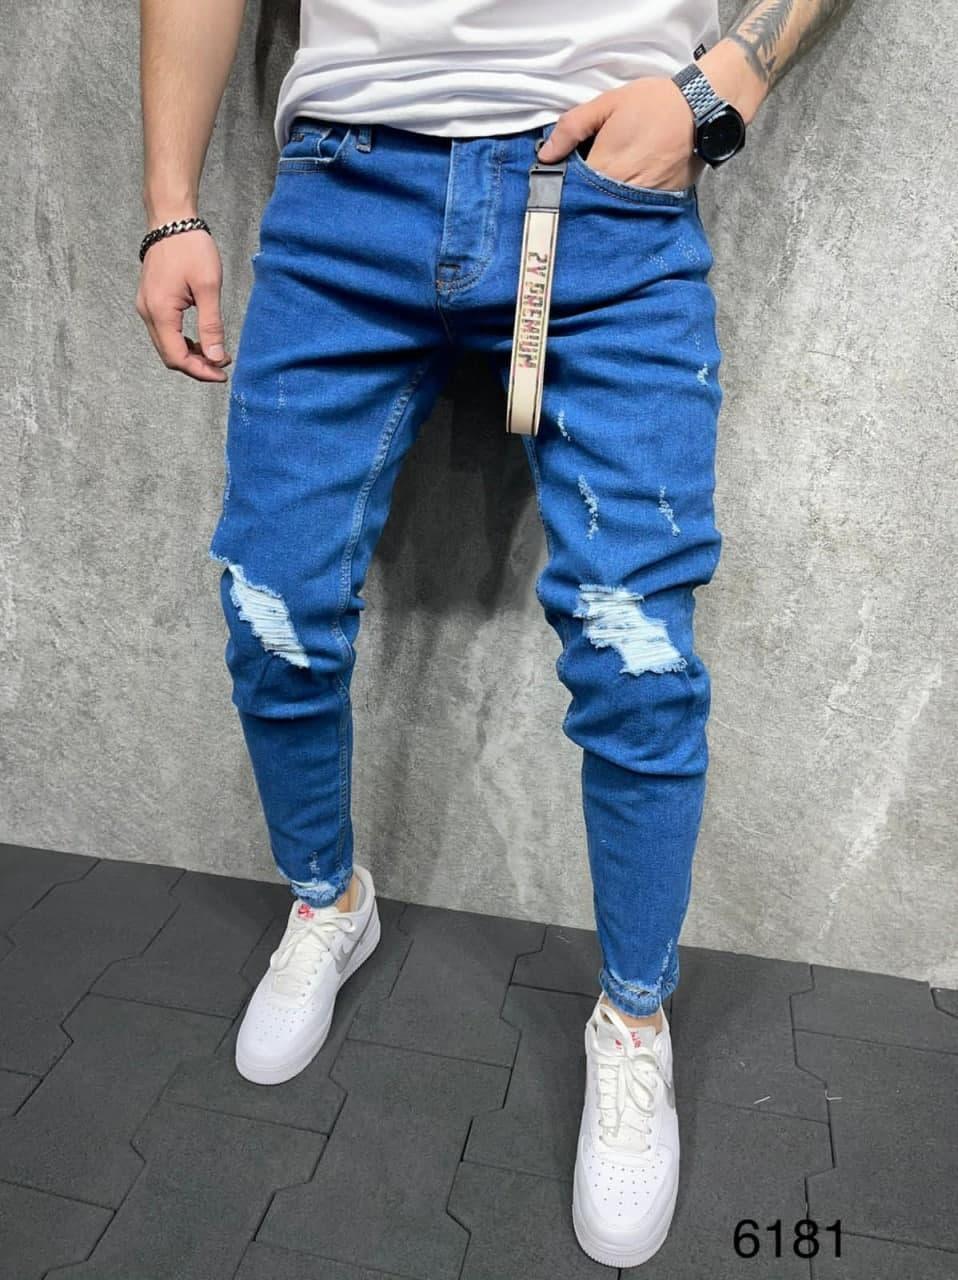 Чоловічі завужені джинси синього кольору, рвані